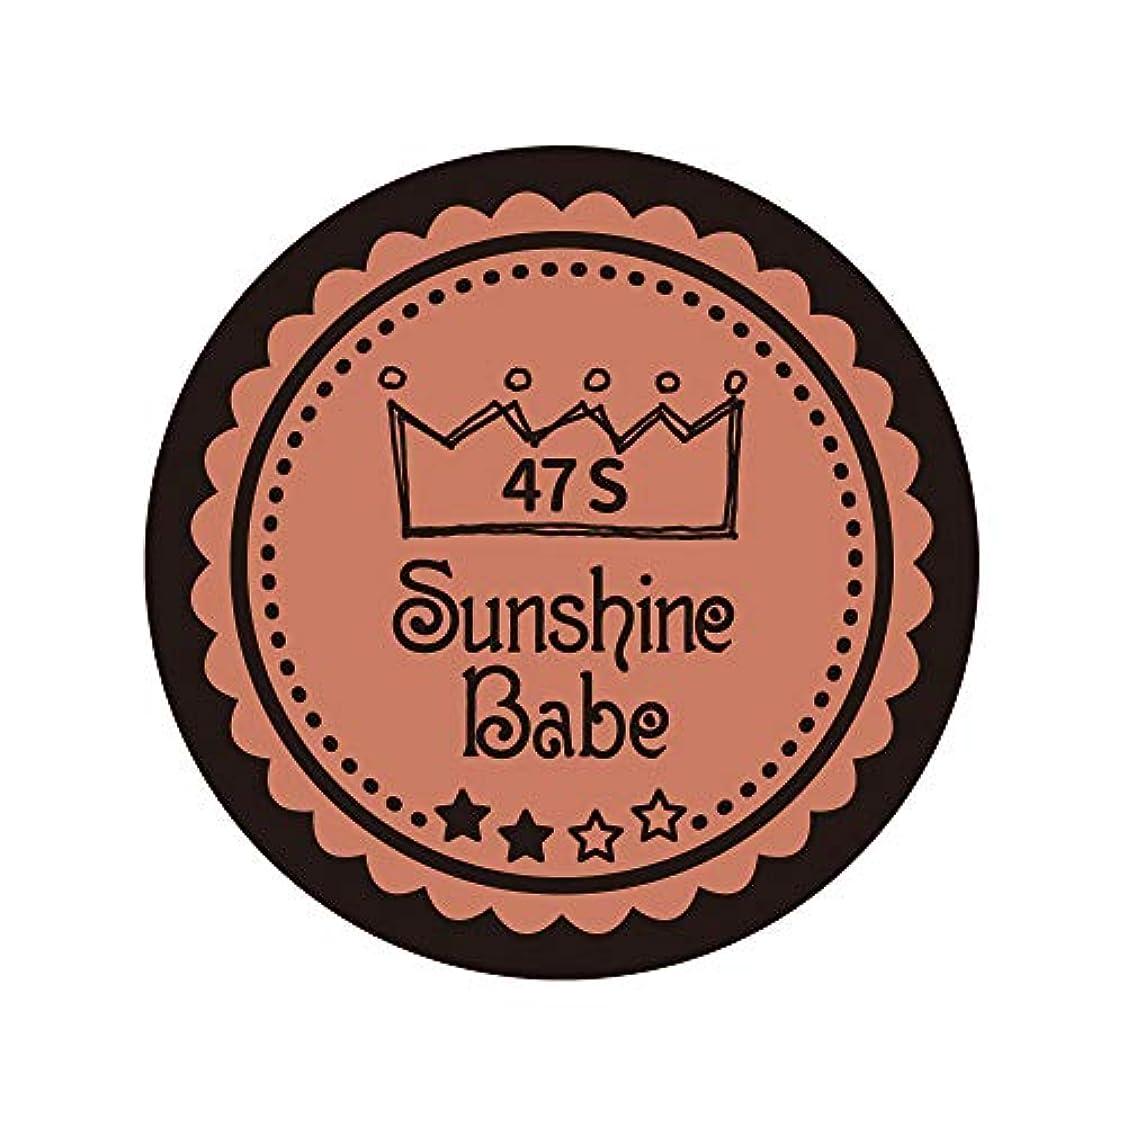 スタウト推進、動かす帳面Sunshine Babe カラージェル 47S ピーチブラウン 2.7g UV/LED対応